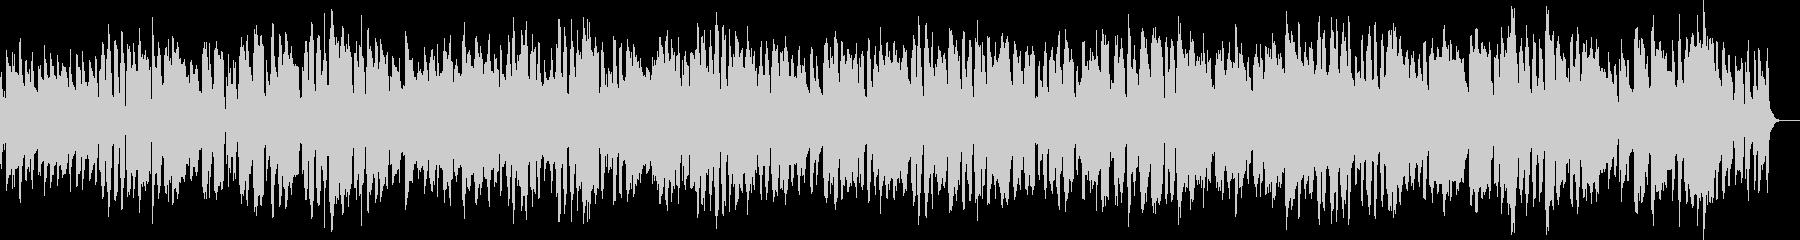 サックスとトロンボーンの明るいジャズの未再生の波形